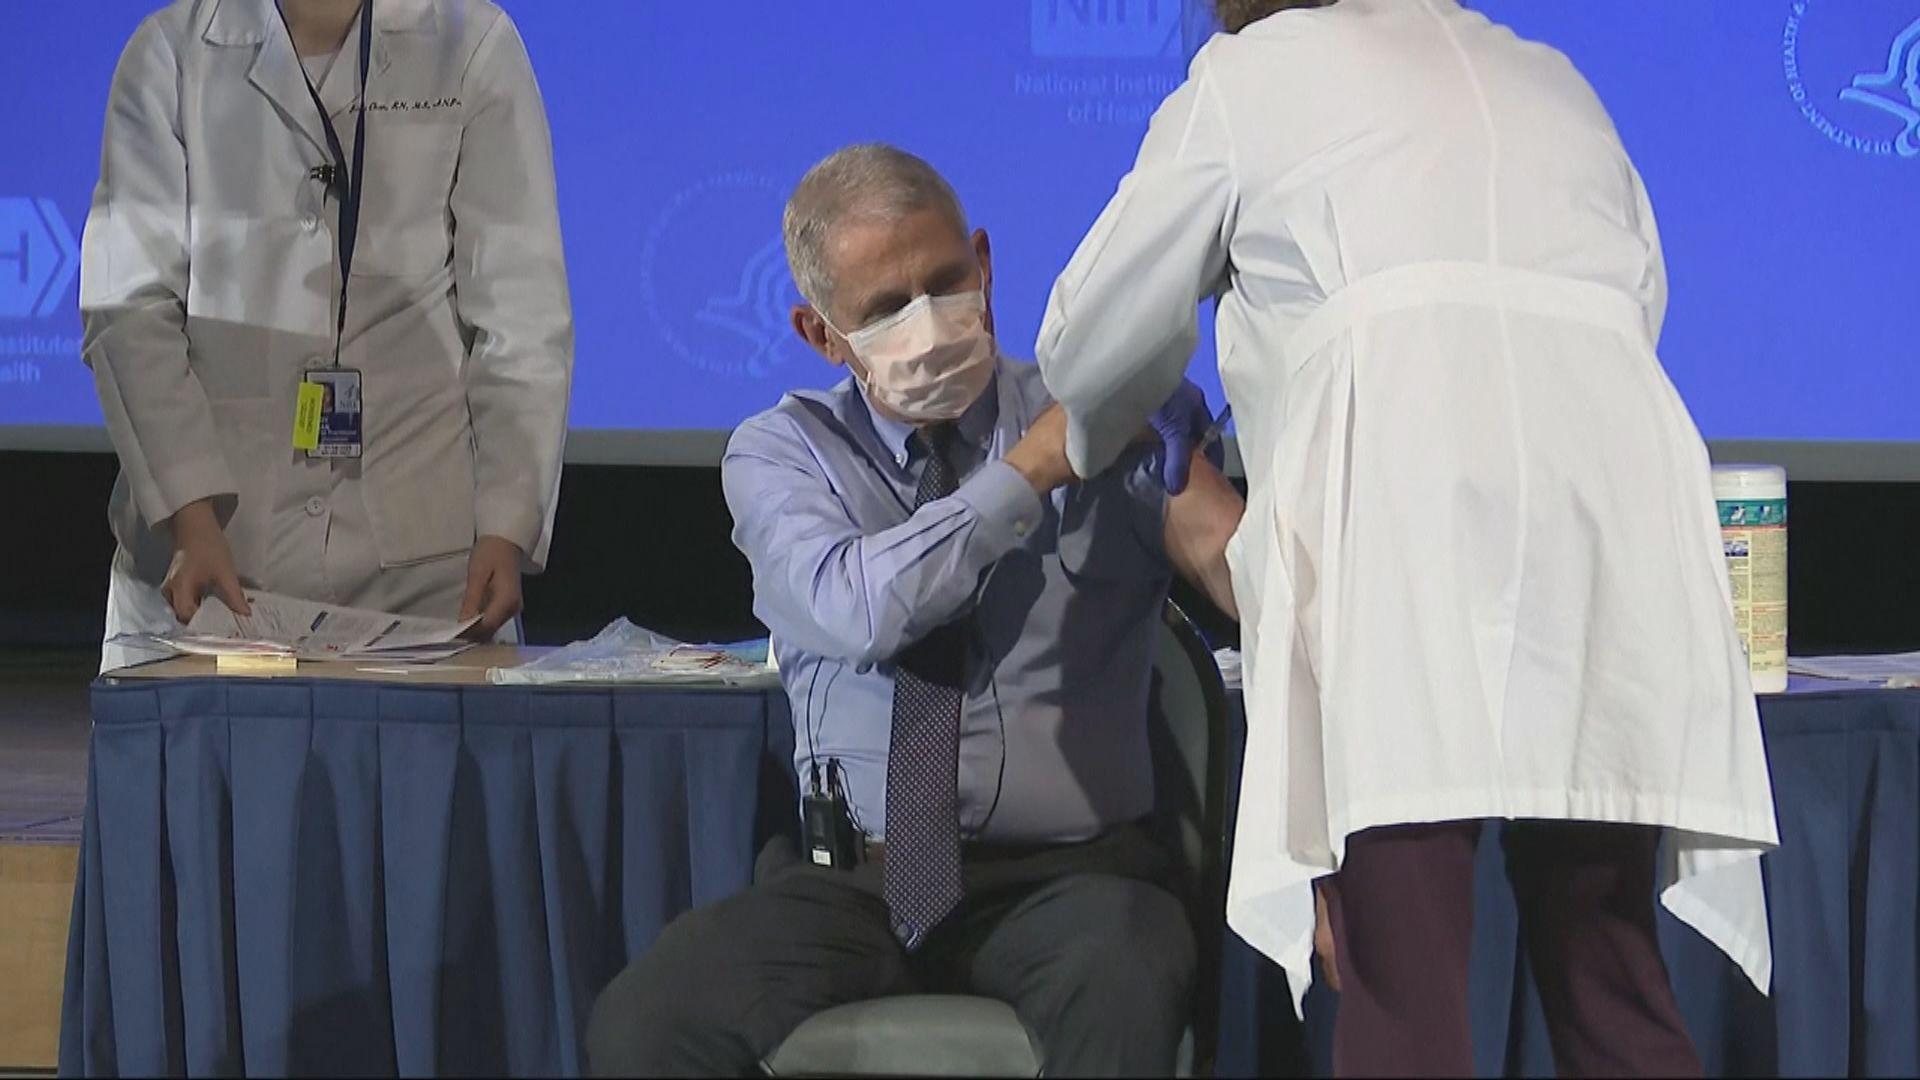 美國傳染病專家福奇接種莫德納新冠病毒疫苗